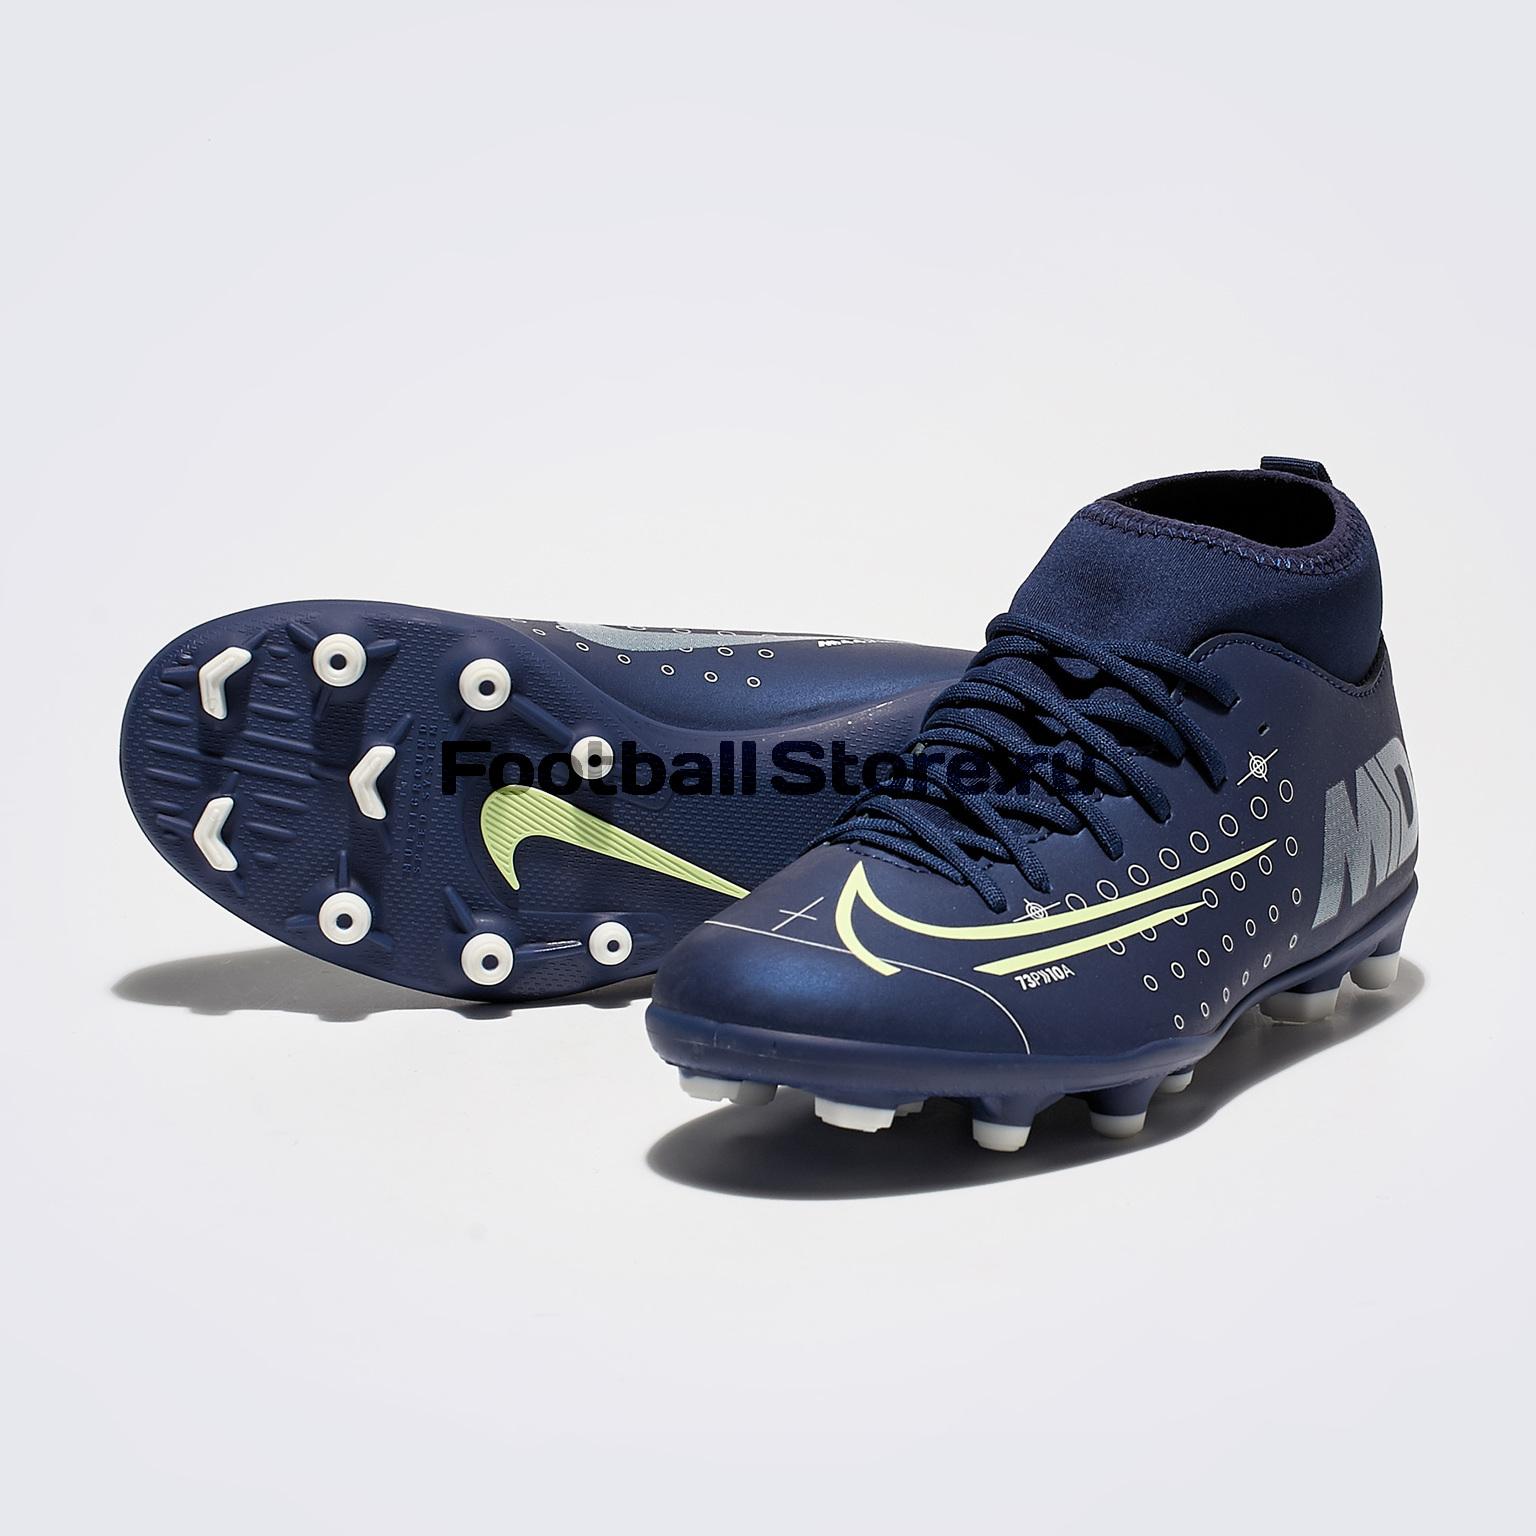 Фото - Бутсы детские Nike Superfly 7 Club MDS FG/MG BQ5418-401 бутсы детские nike superfly 6 club fg mg ah7339 077